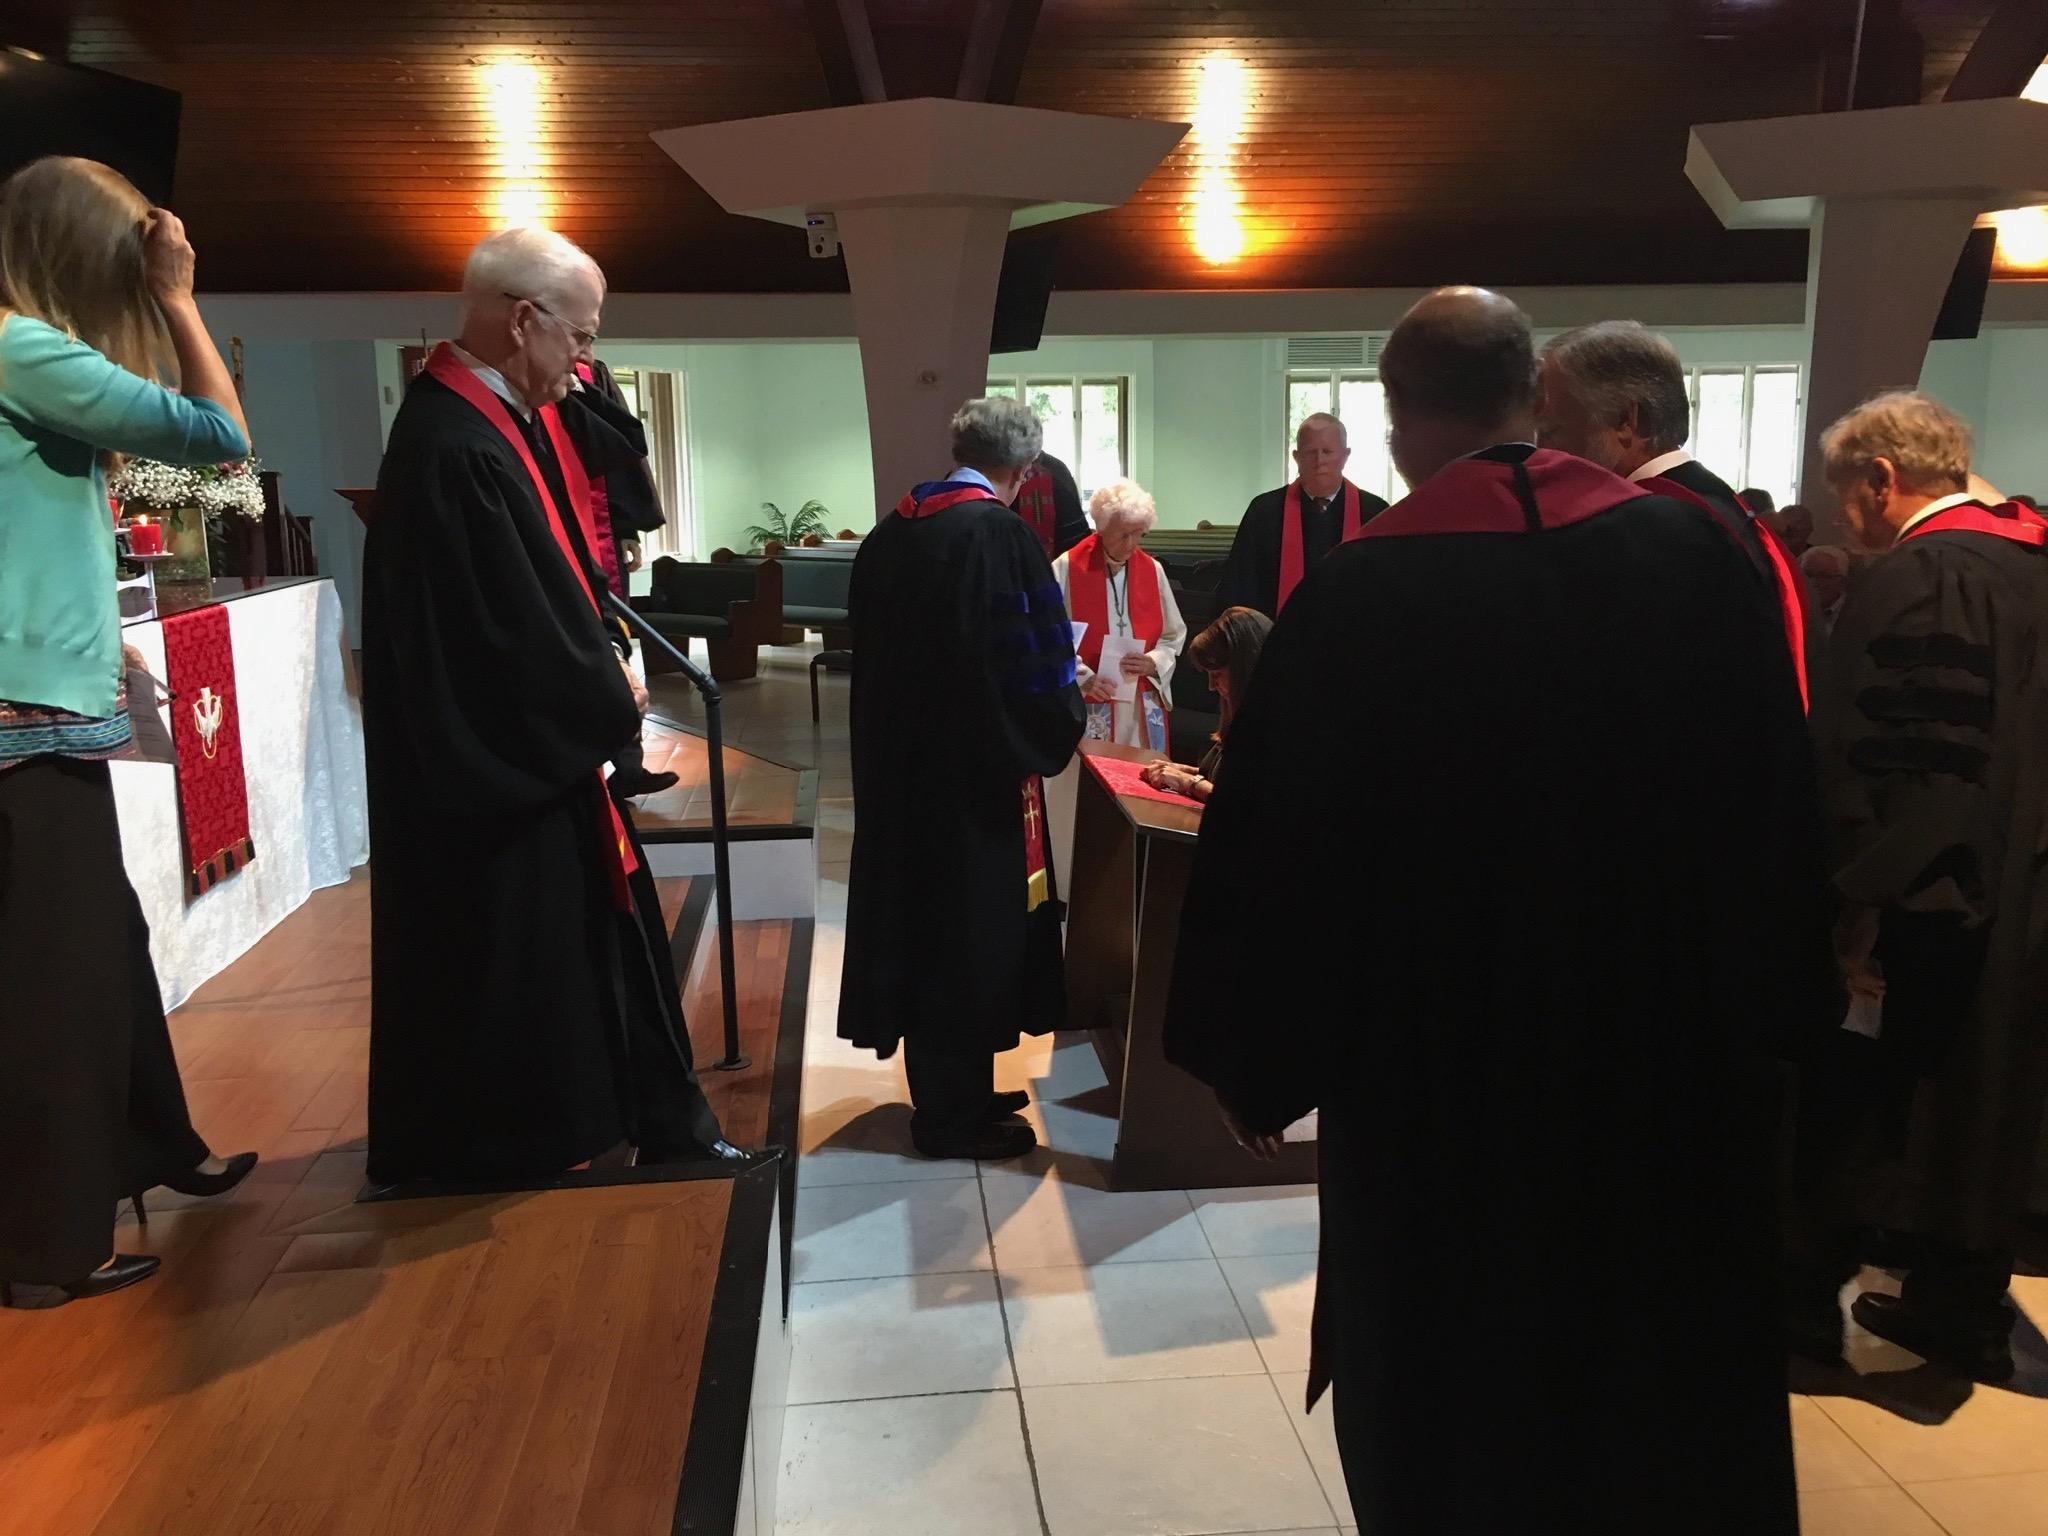 Carolyn Ordination_20180902_44.jpg